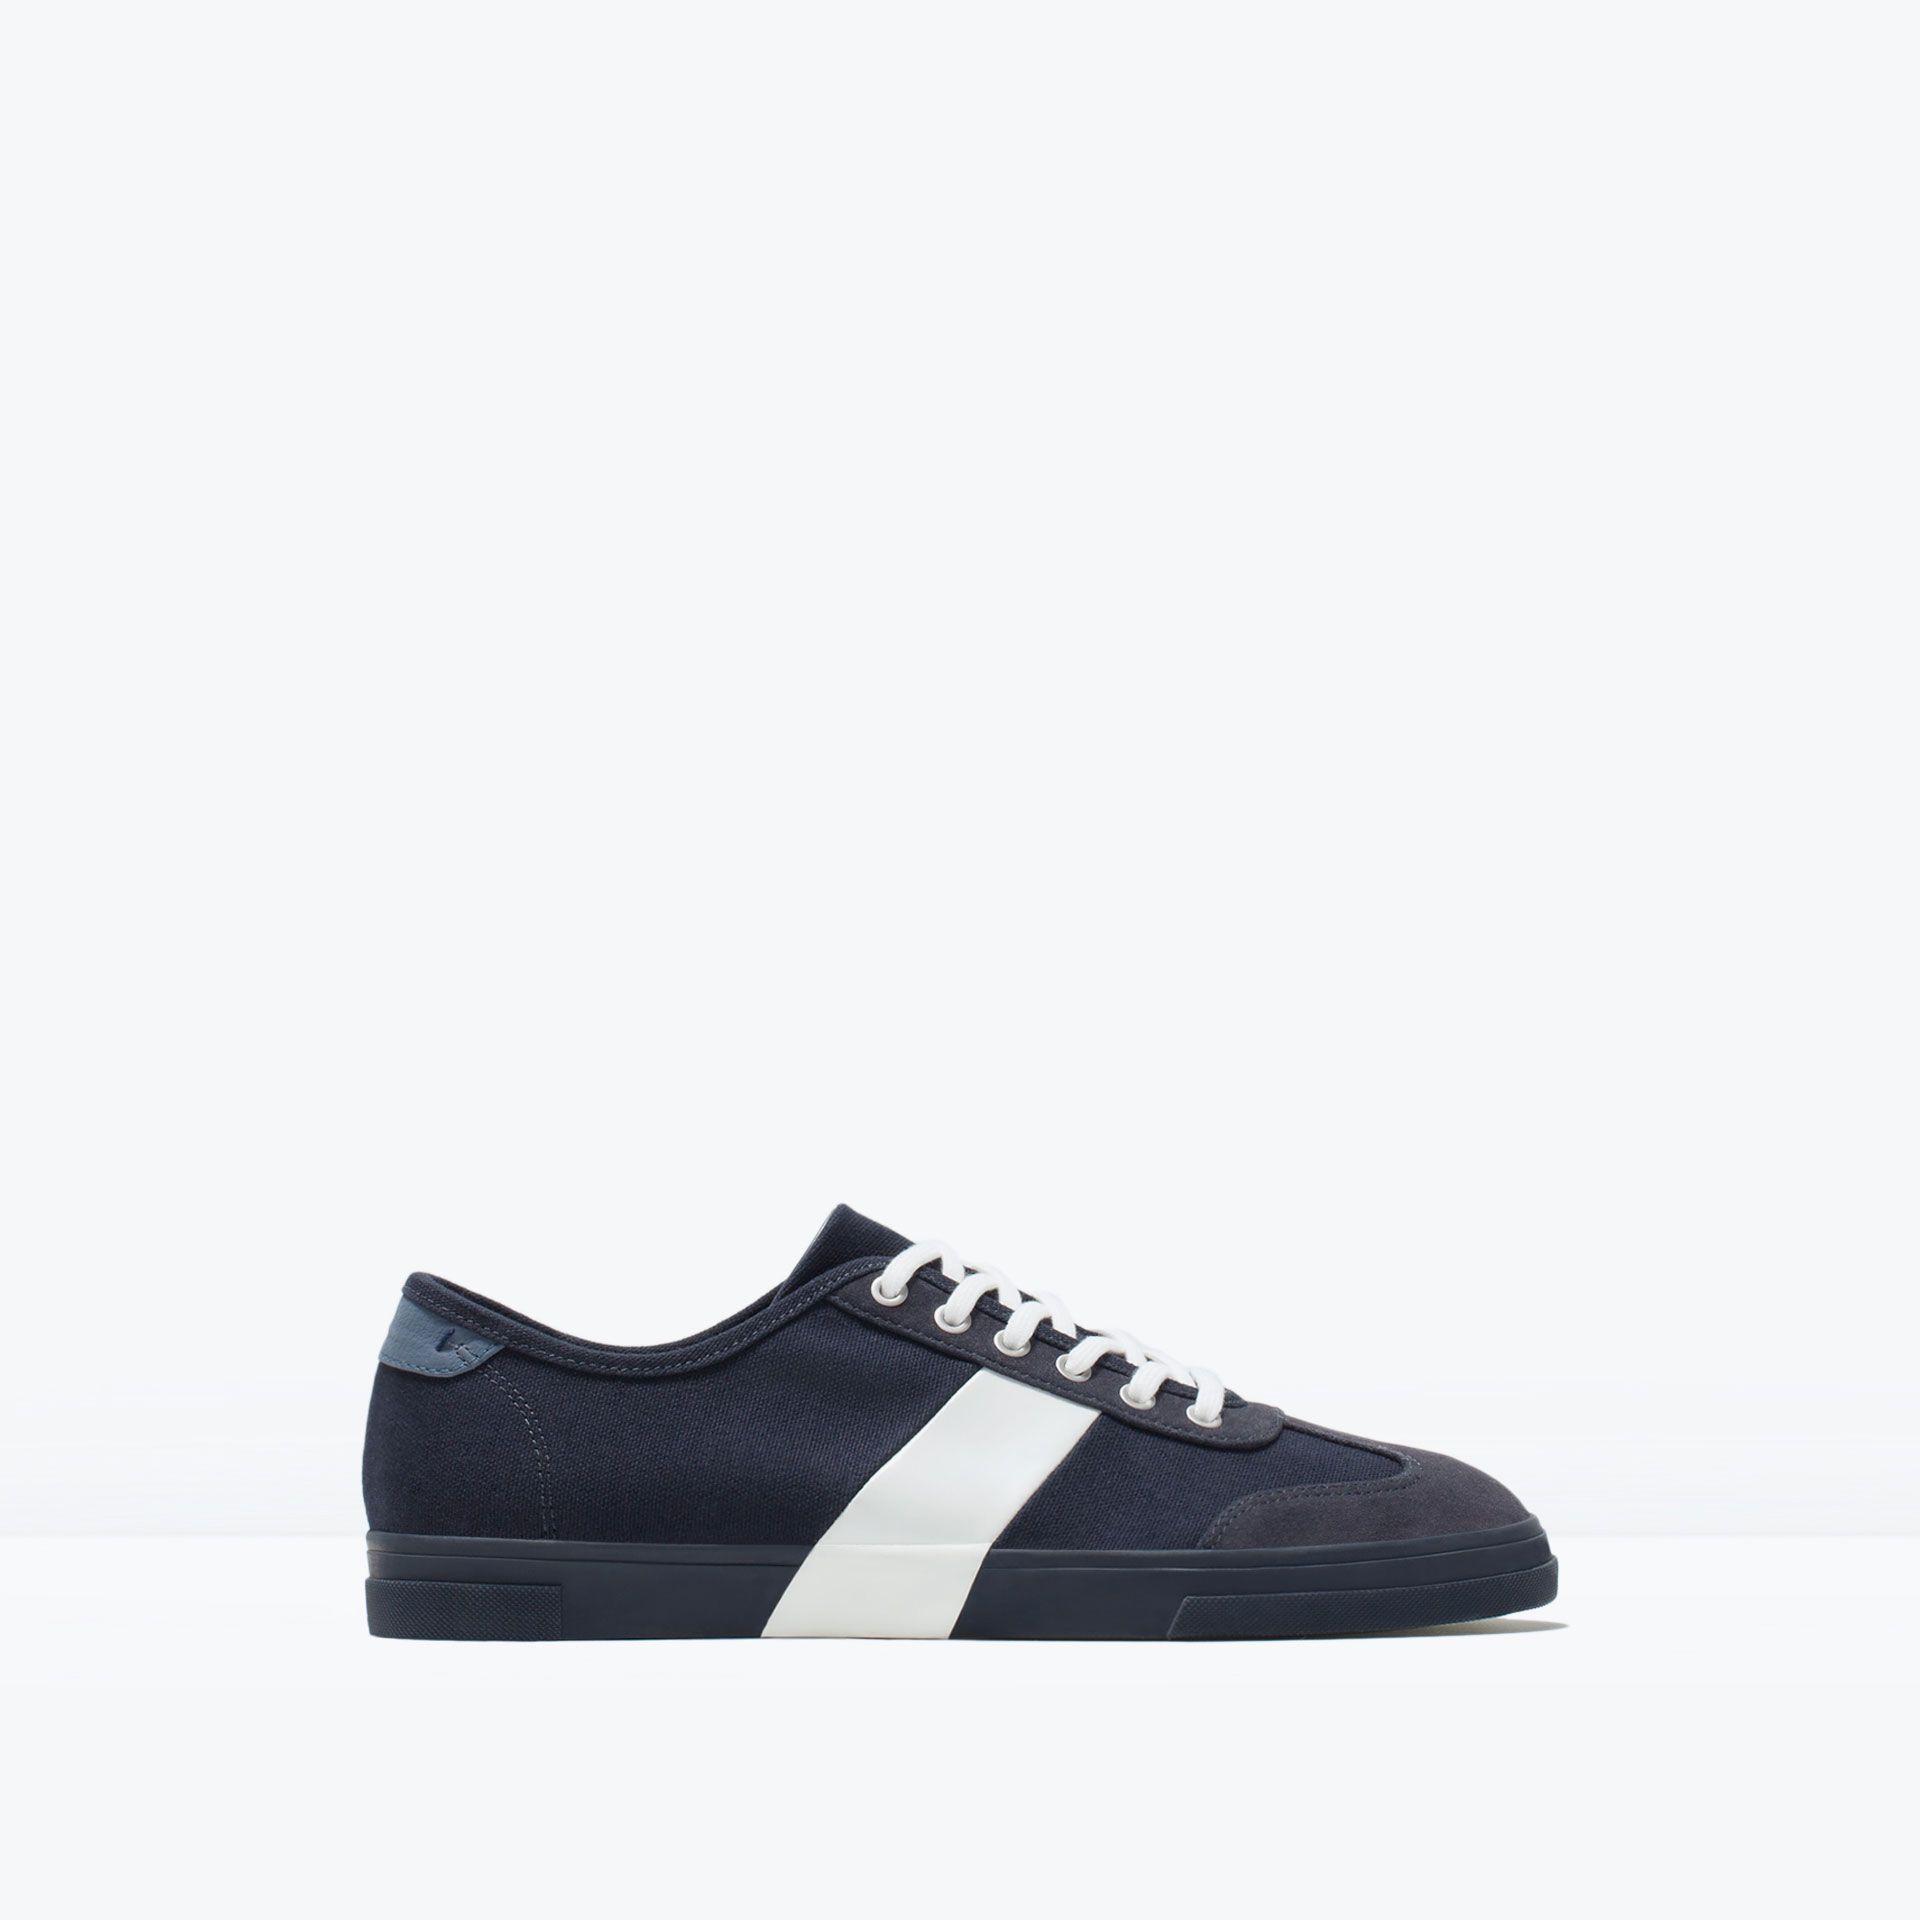 Mujeres Ocultadas Cu?a Oculta Zapatillas Deportivas Puntera Alta zapatillas Botas Zapatos RU Tallas 3 - 8 - Negro Piel Sintética, 39